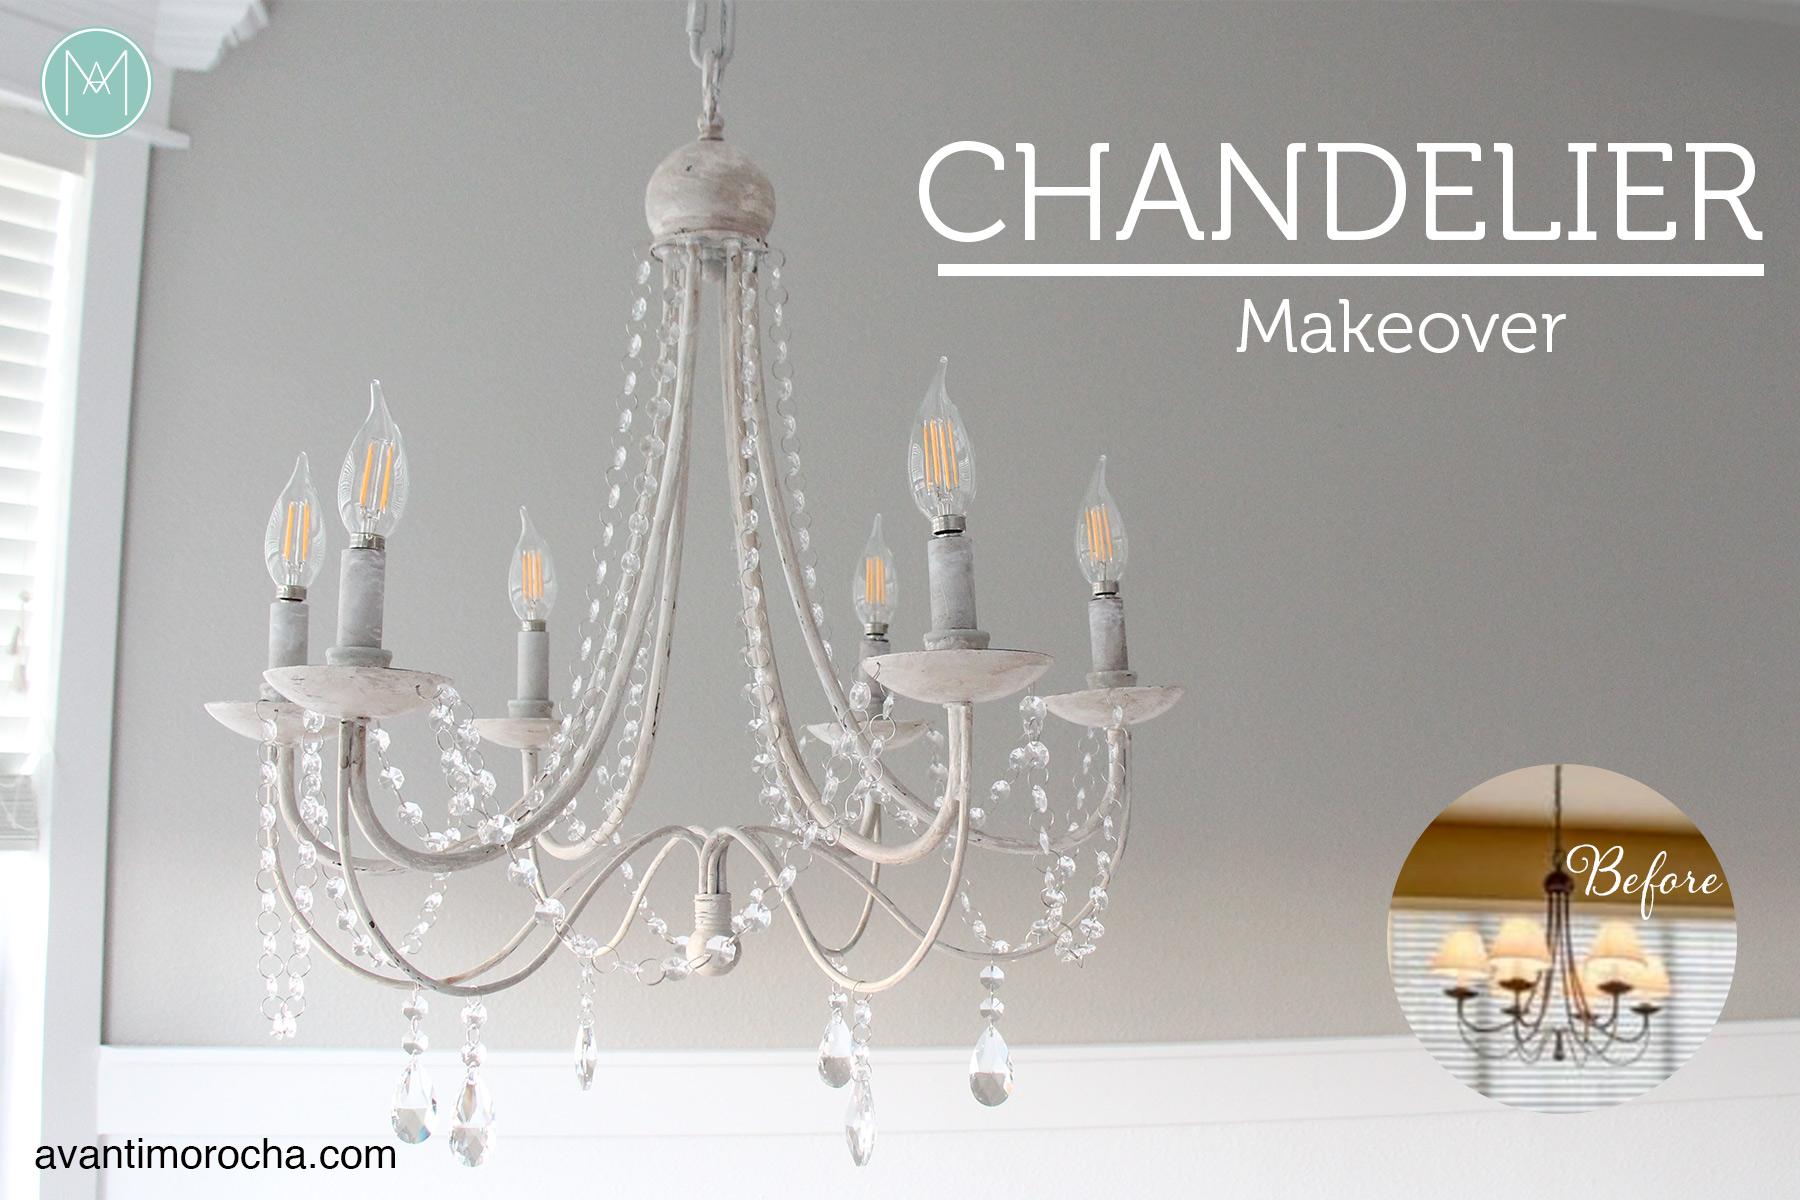 Diy chandelier makeover araa de luces avanti morocha aloadofball Image collections